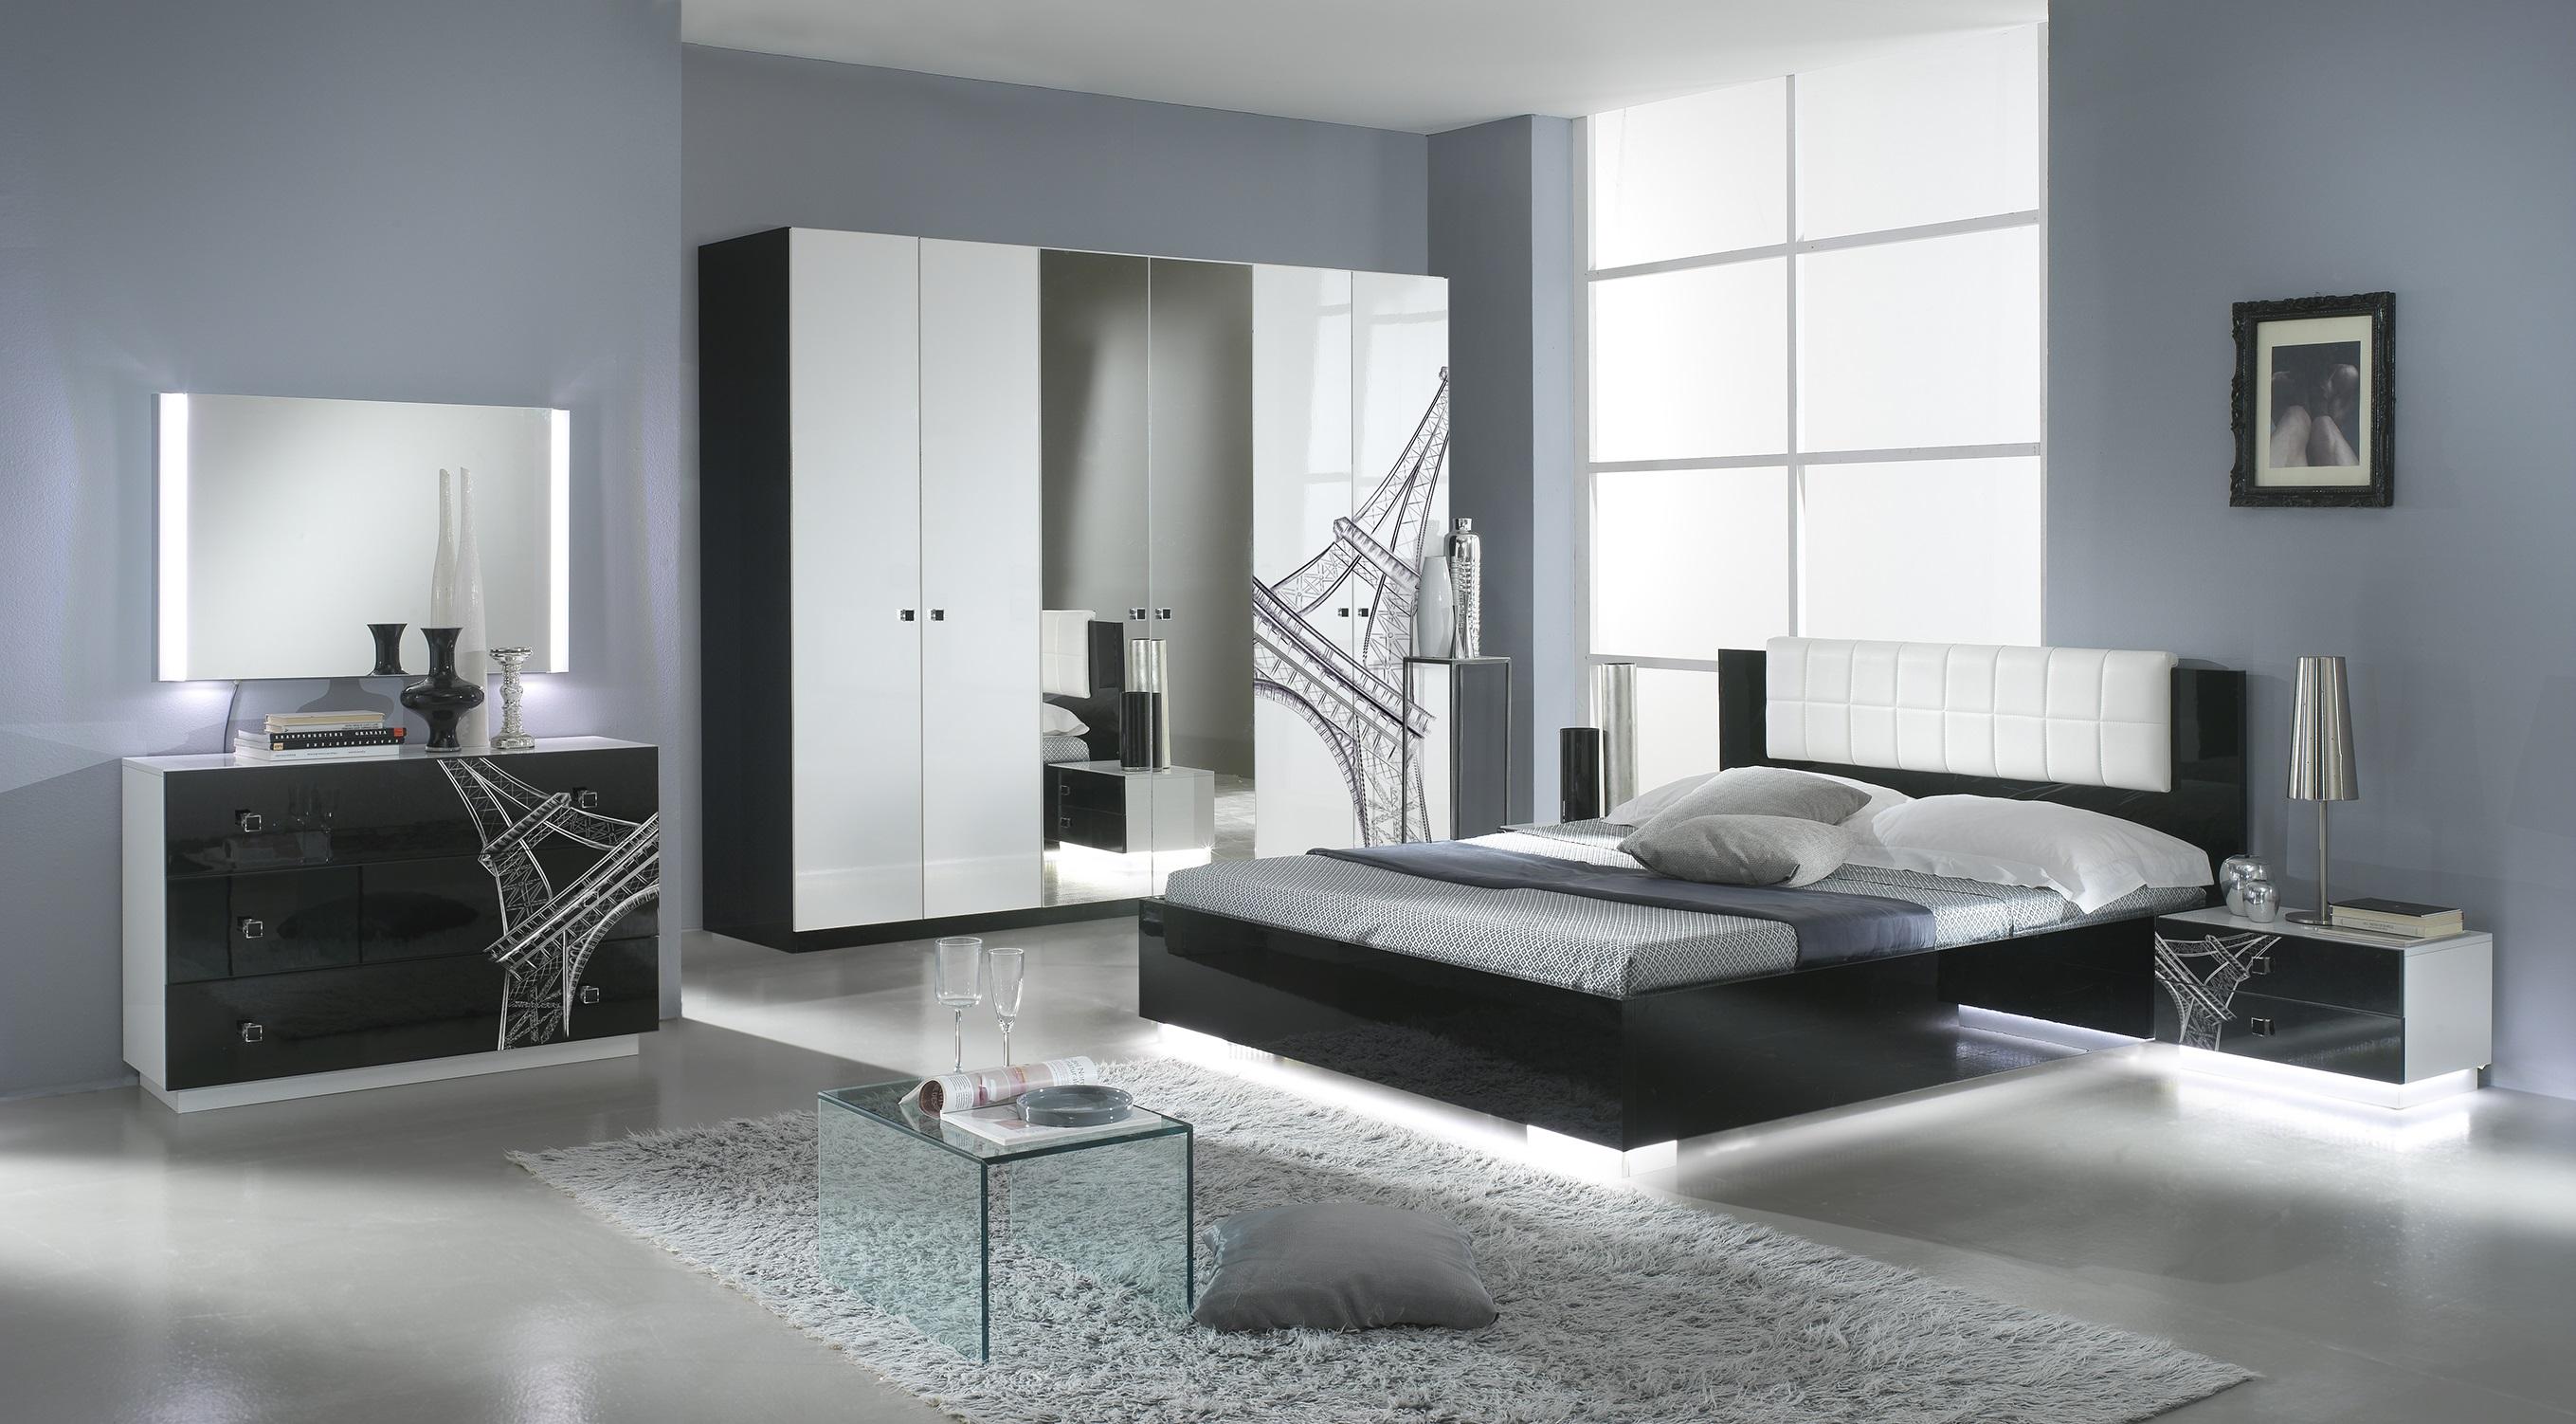 Elegantes Schlafzimmer VANINA in schwarz-weiß modern